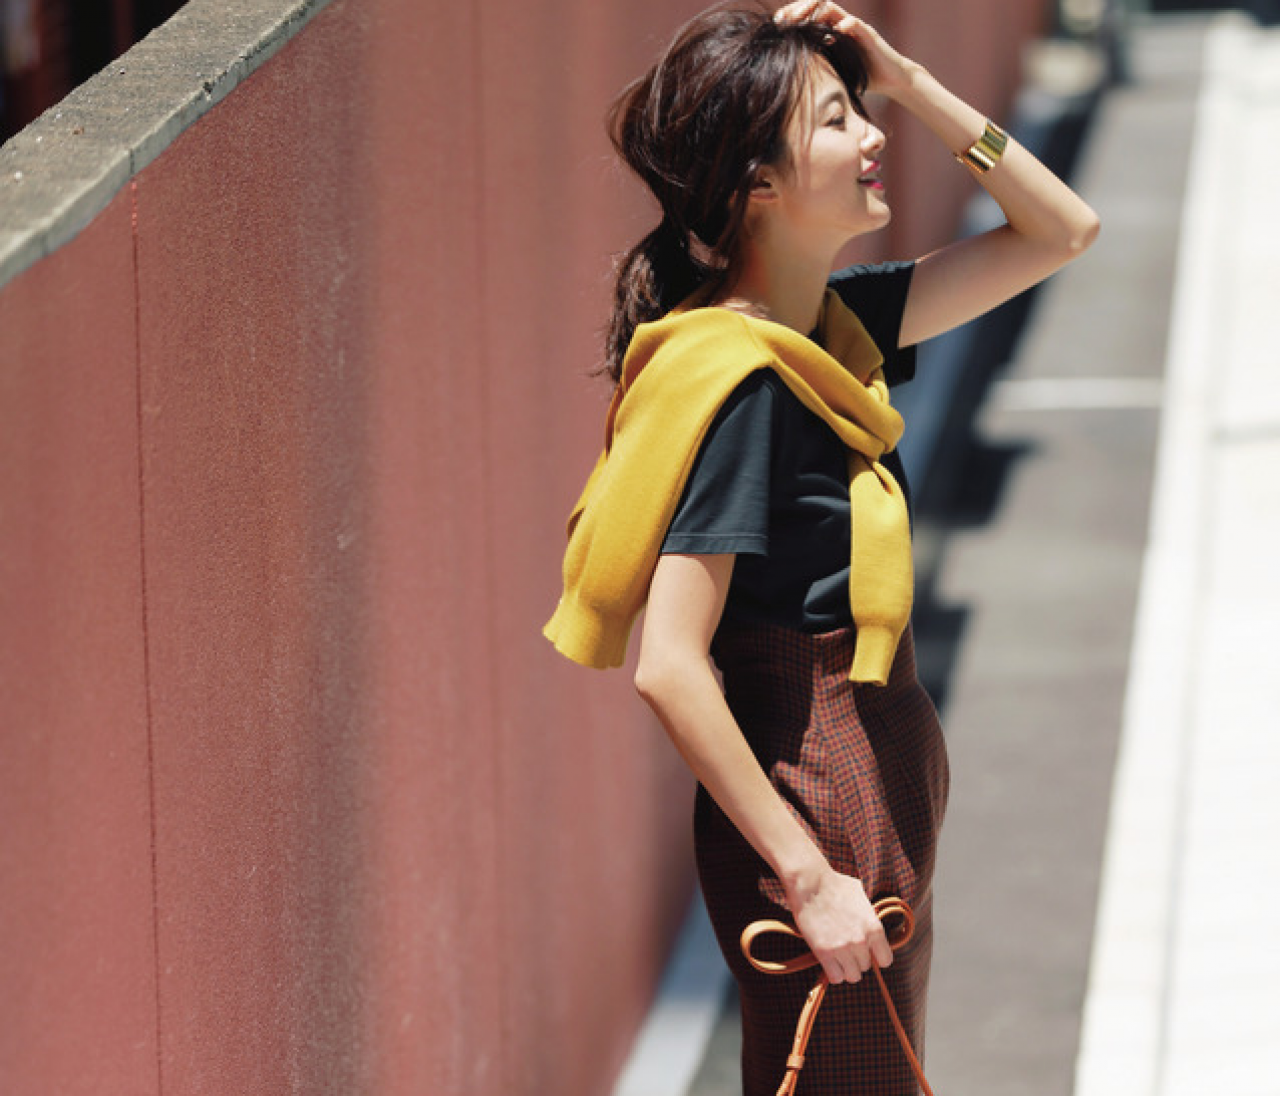 外回りの日は、一足早い〝秋色配色〟なスニーカースタイルで【2018/8/10のコーデ】